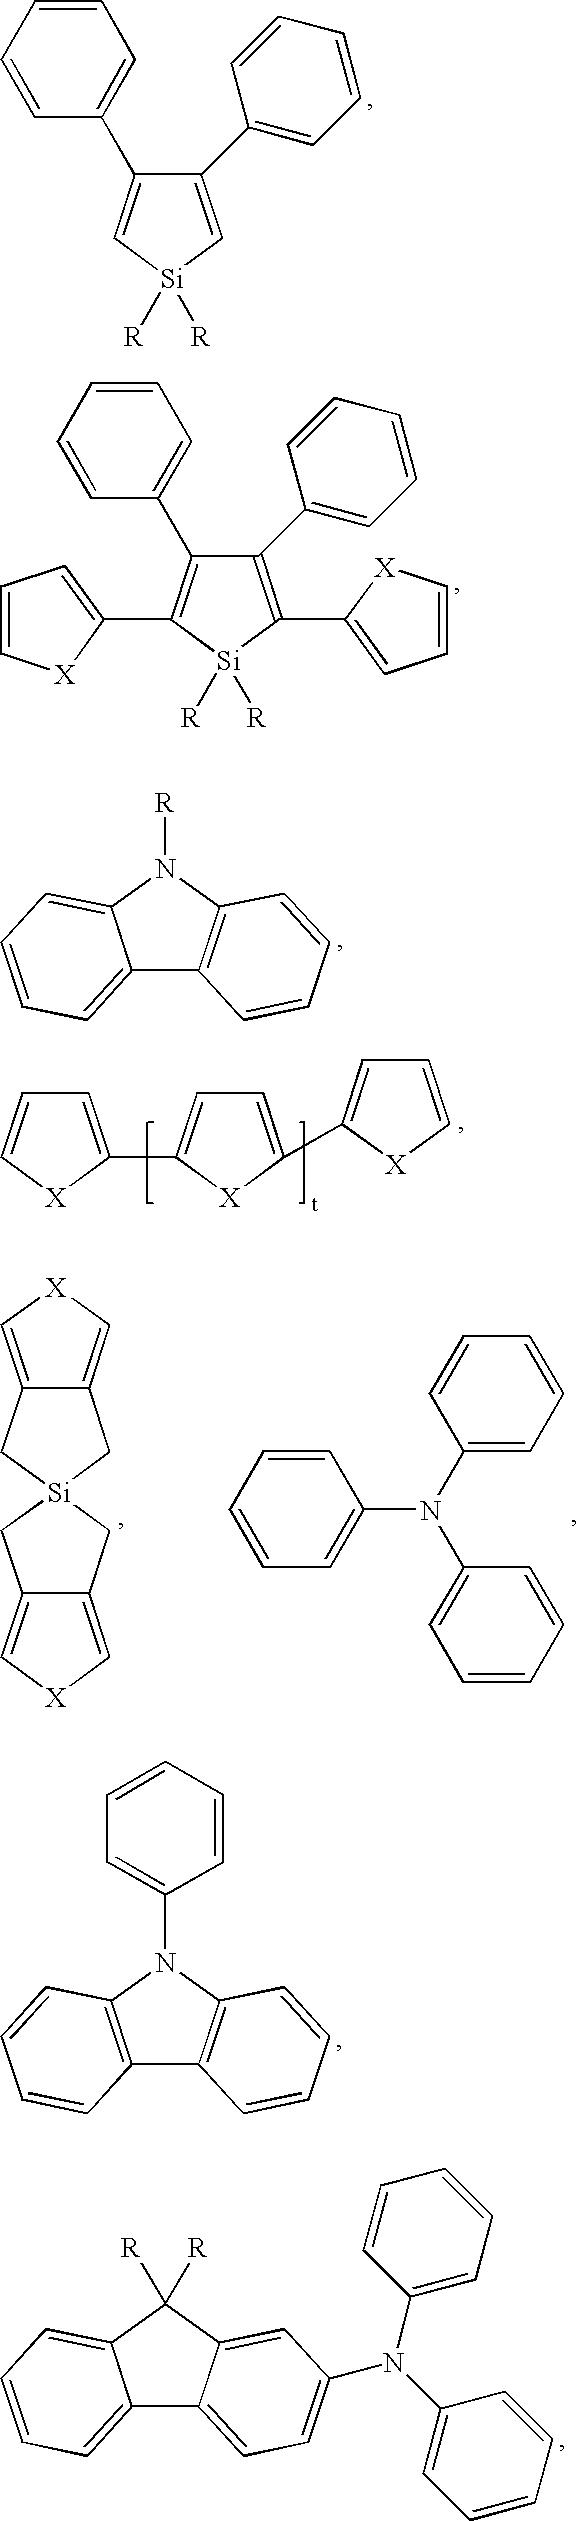 Figure US20070107835A1-20070517-C00012